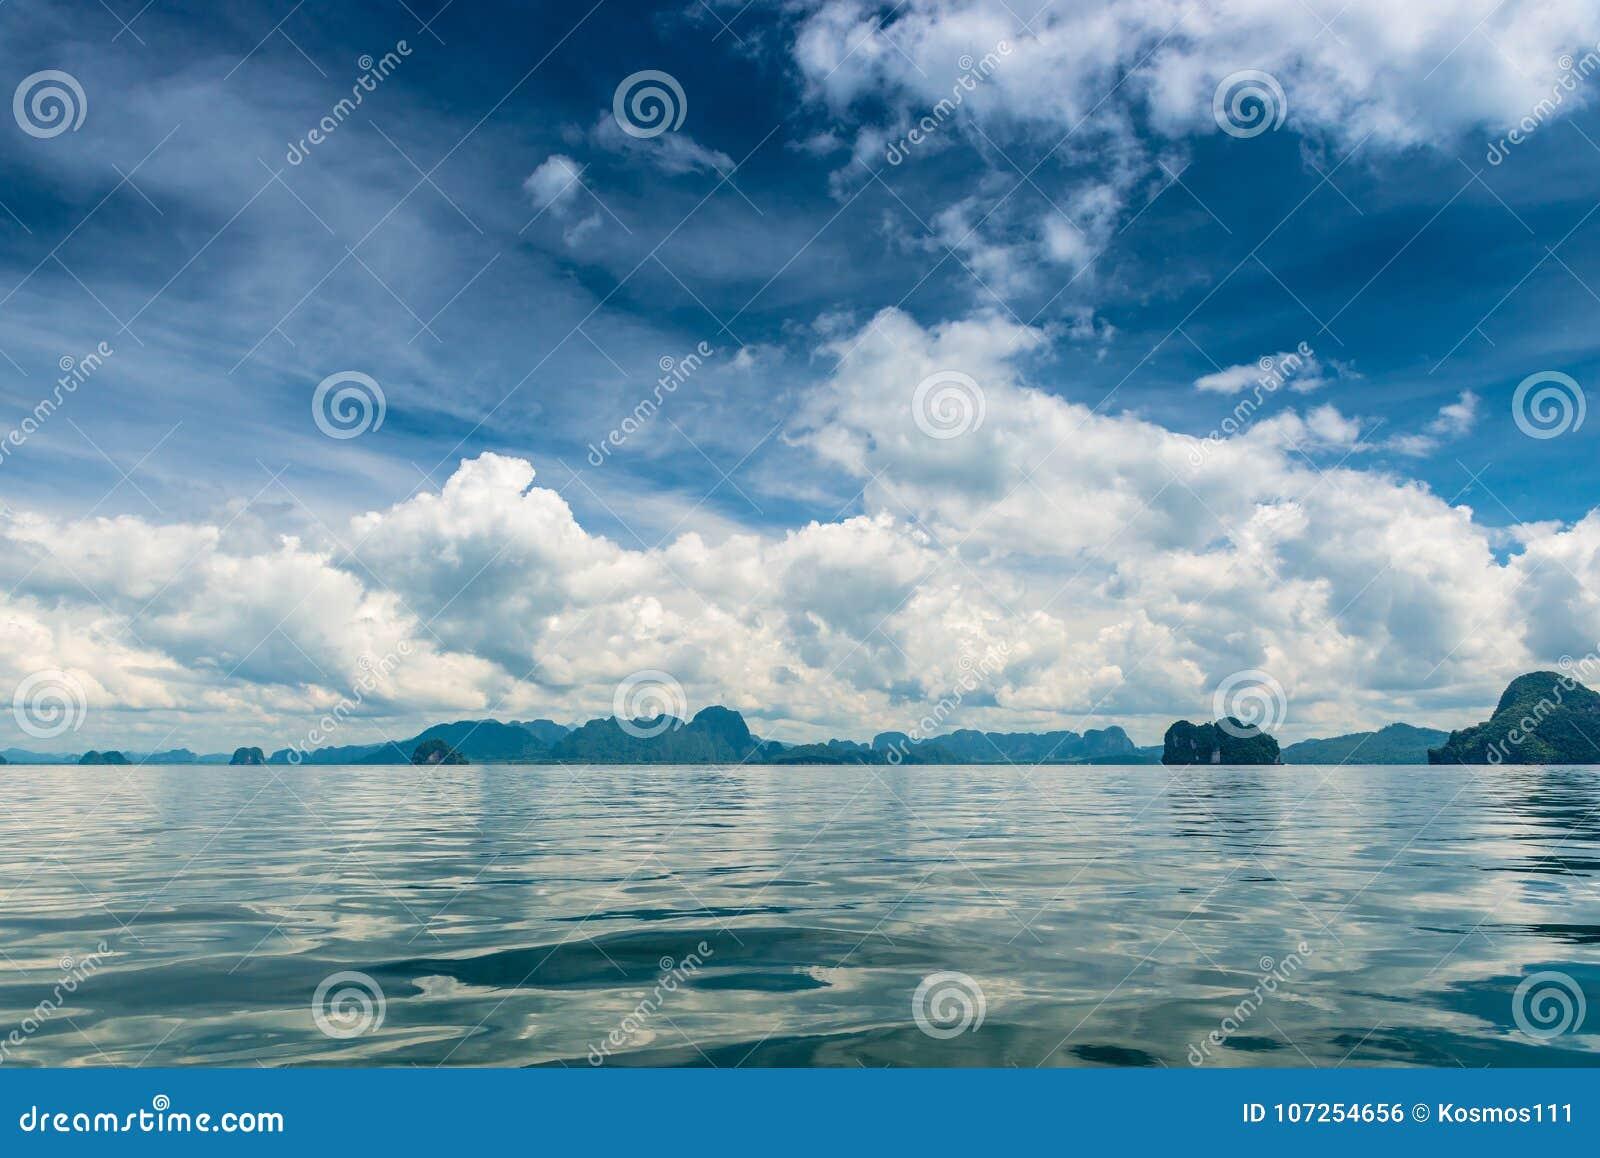 Mer Thailande Carte.Vue De Paysage De Carte Postale De La Belles Thailande Mer